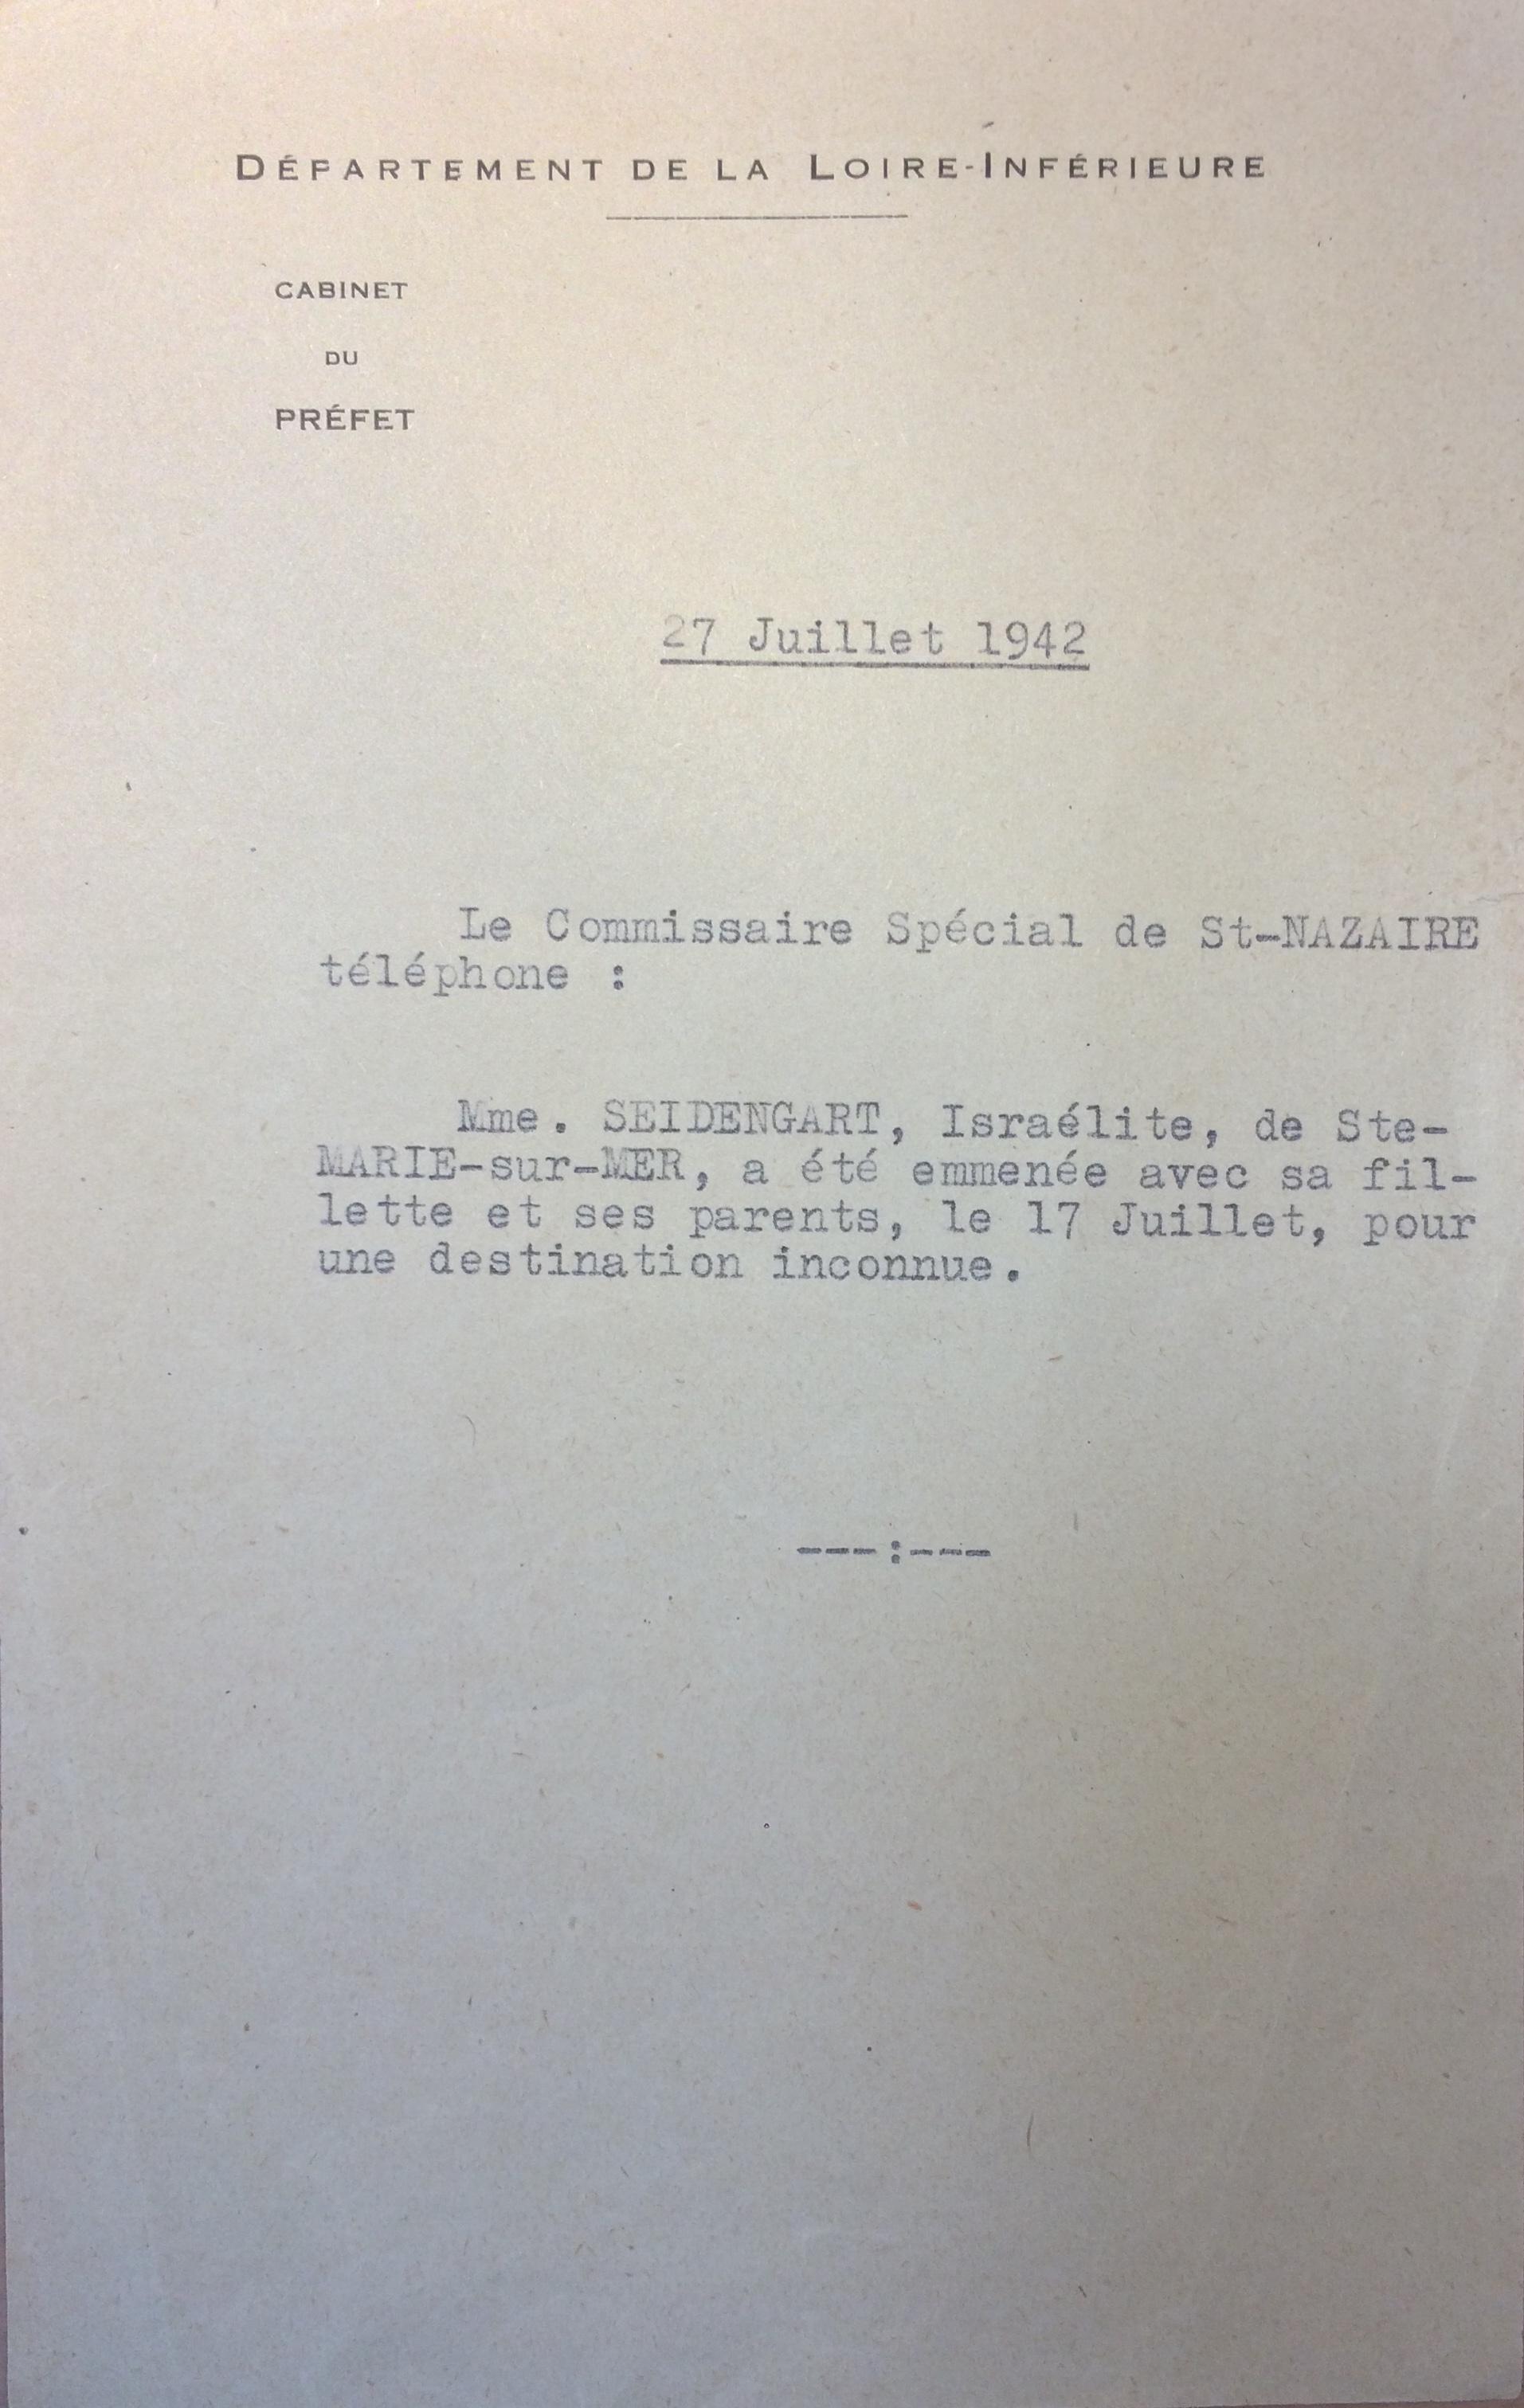 Retranscription message téléphonique du commissariat spécial de Saint-Nazaire à la Préfecture de Nantes 28 juillet 1942 [ADLA 1694W25]